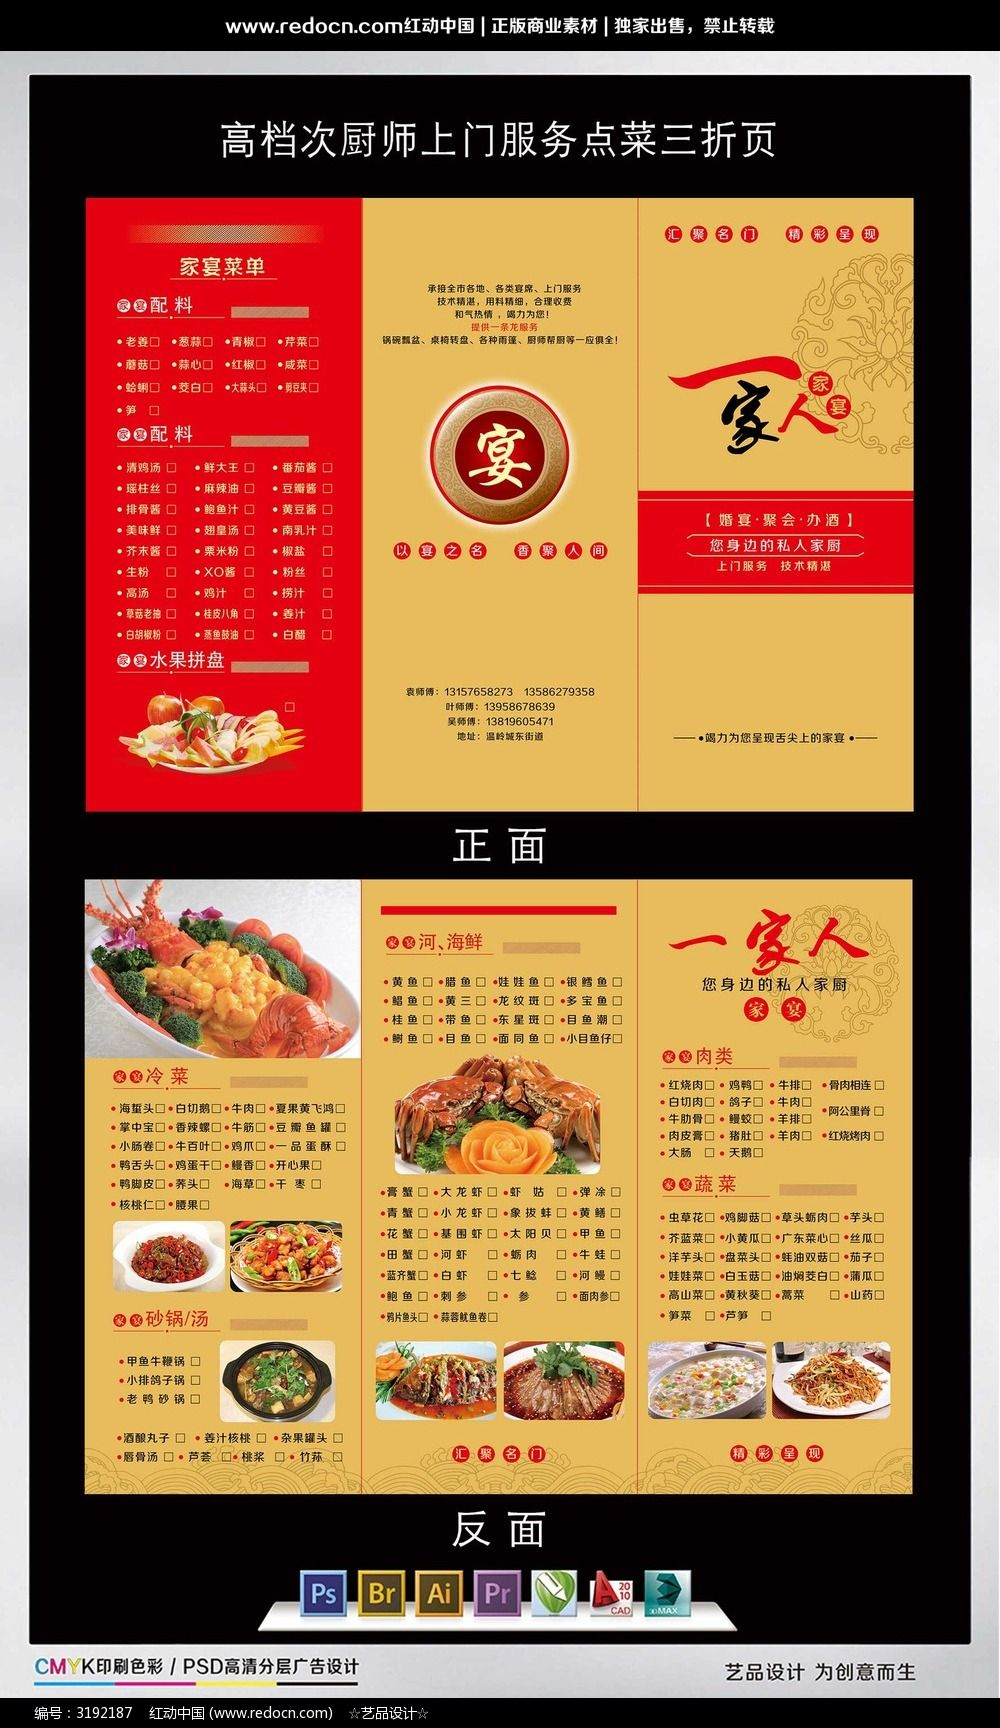 餐厅点菜单设计图片